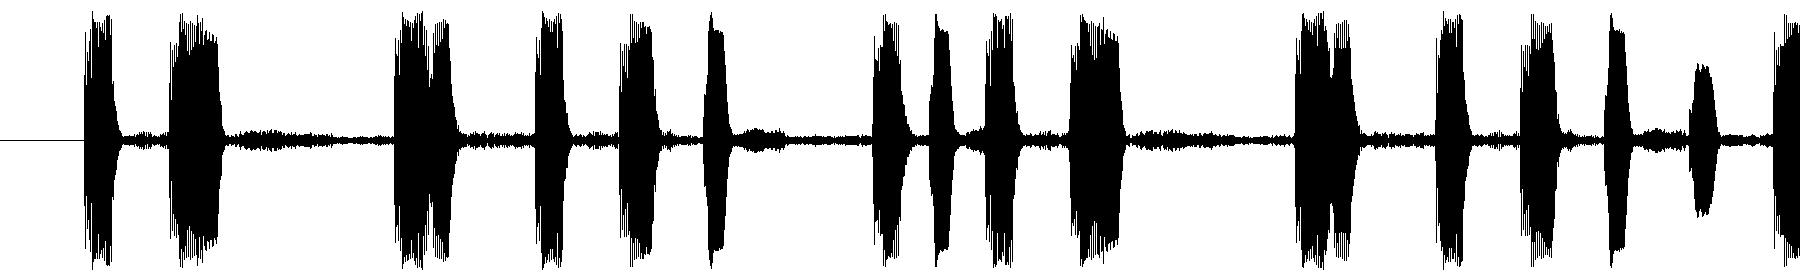 pth bass 17